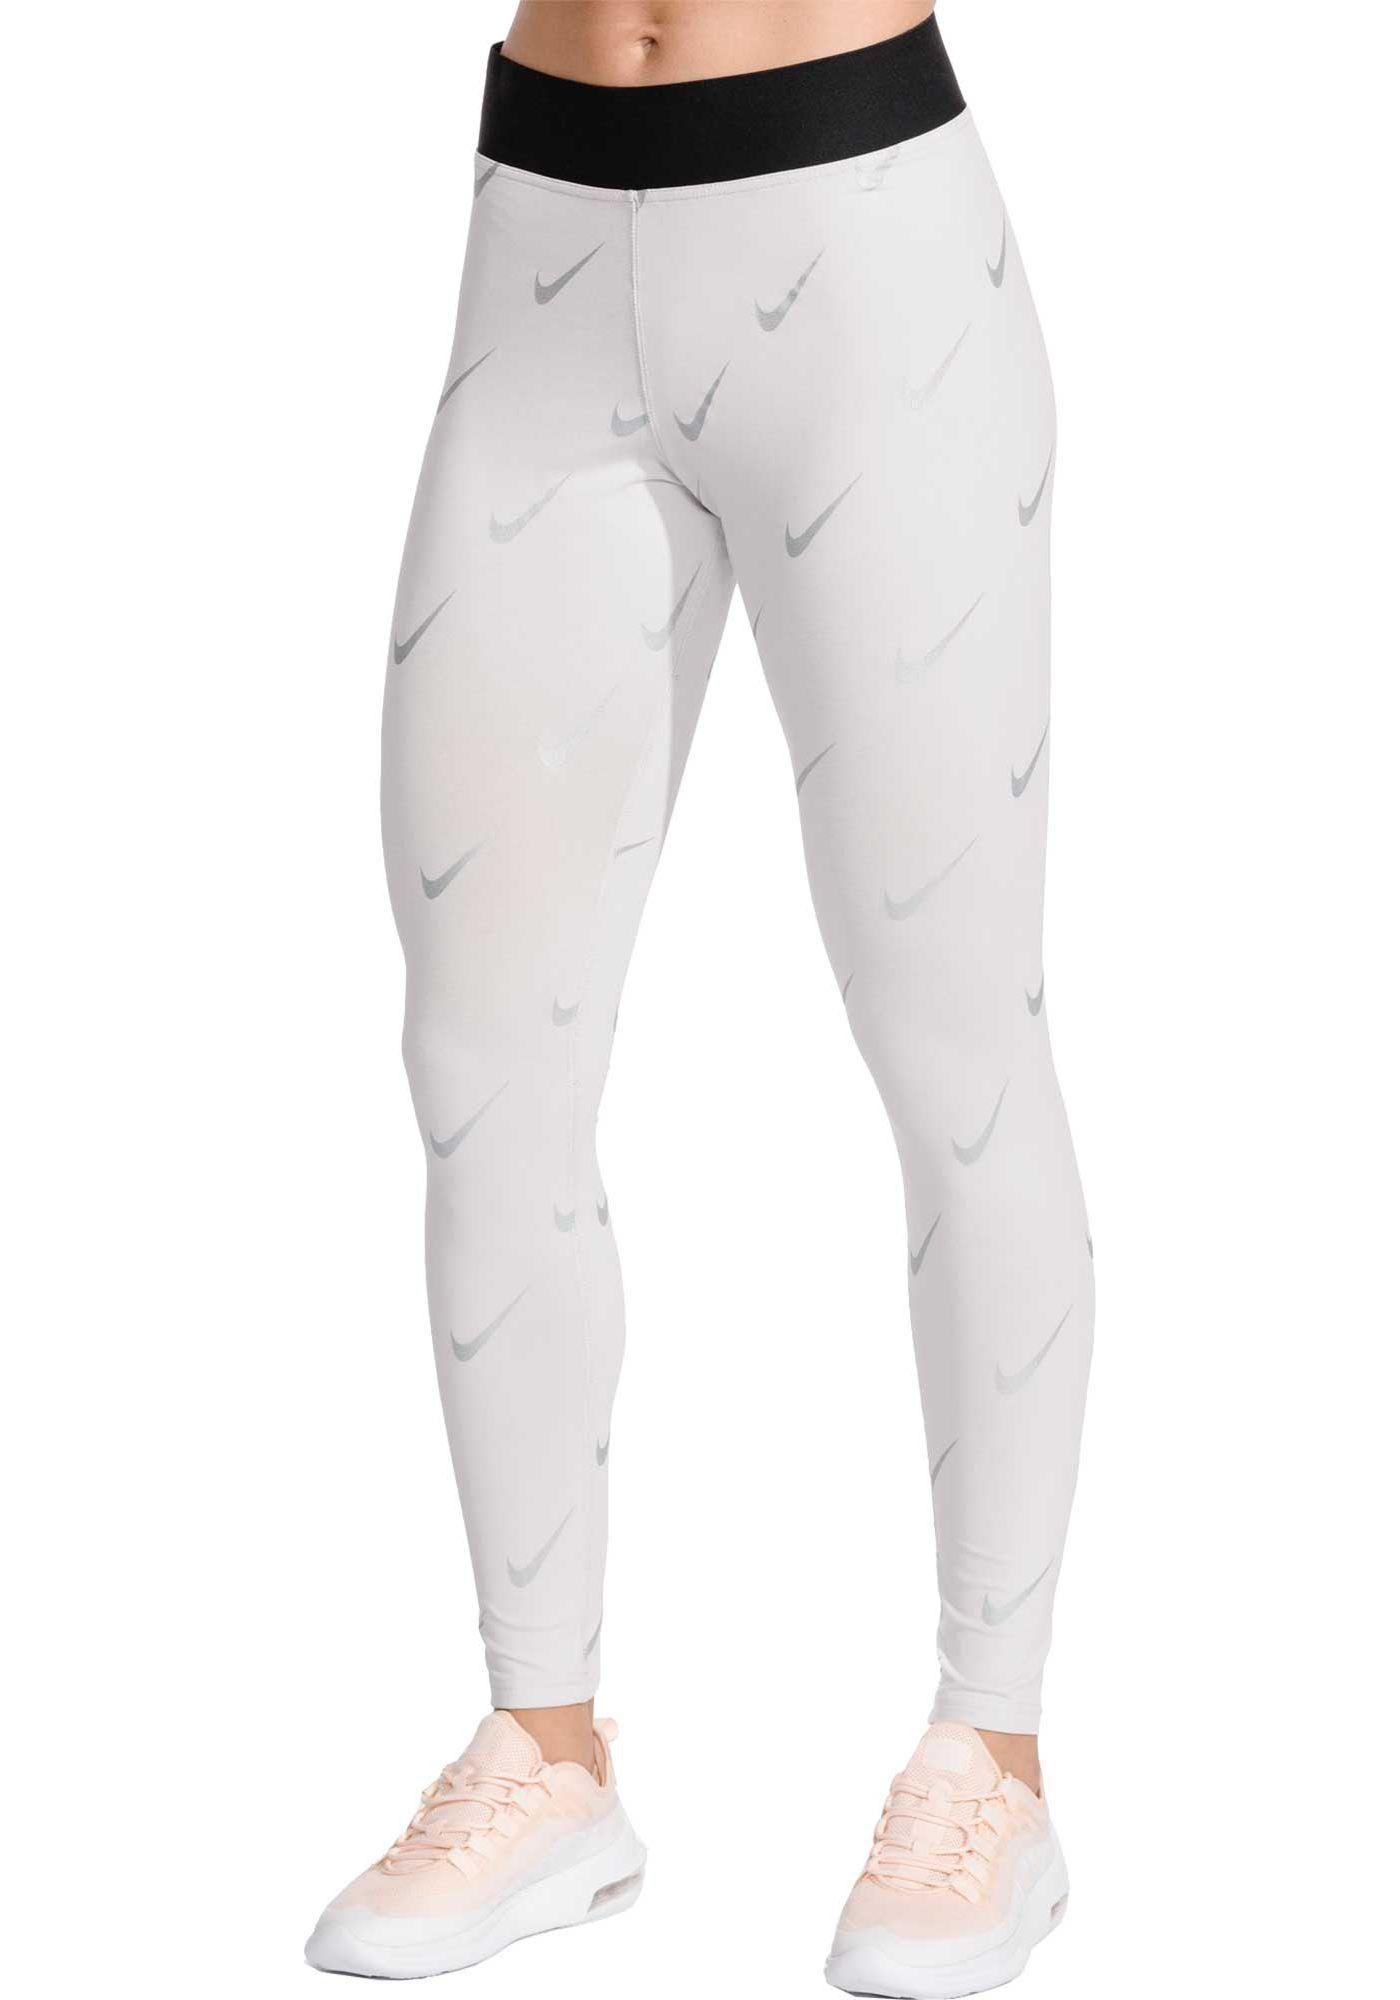 Nike Women's Sportswear Leg-A-See Metallic Leggings